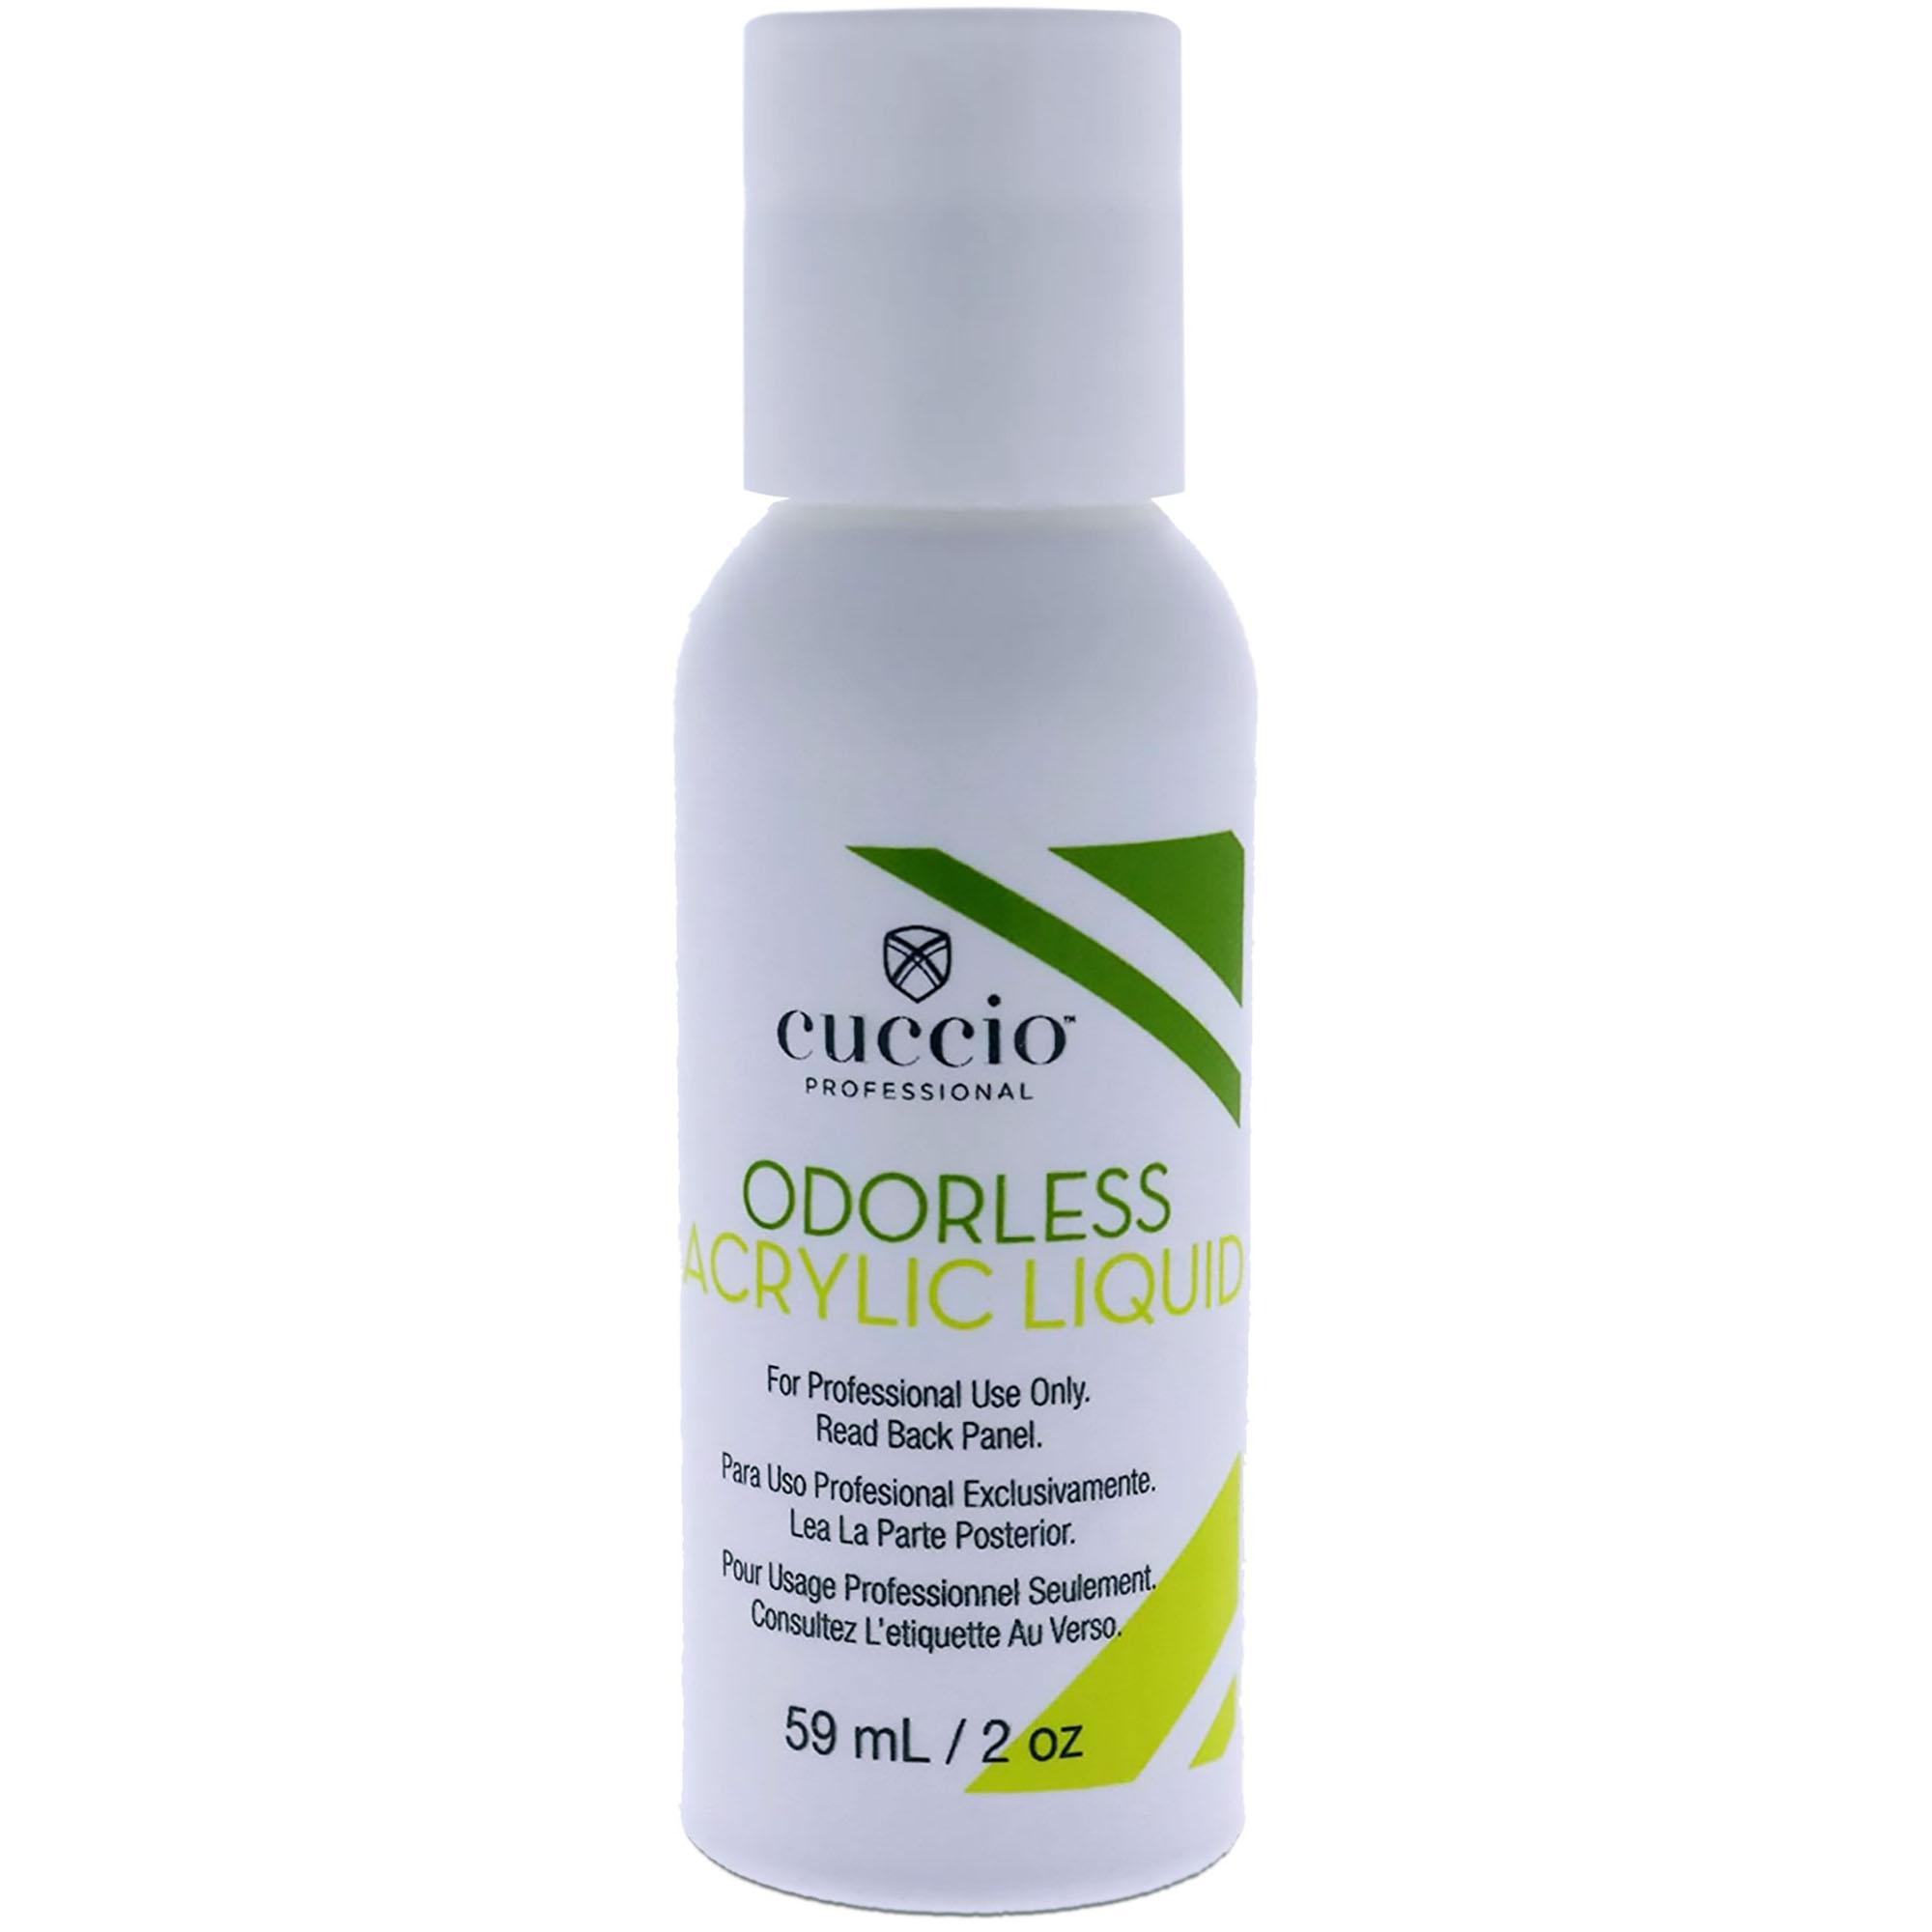 Monomer Liquido - Odorless Acrylic Liquid - 59ml